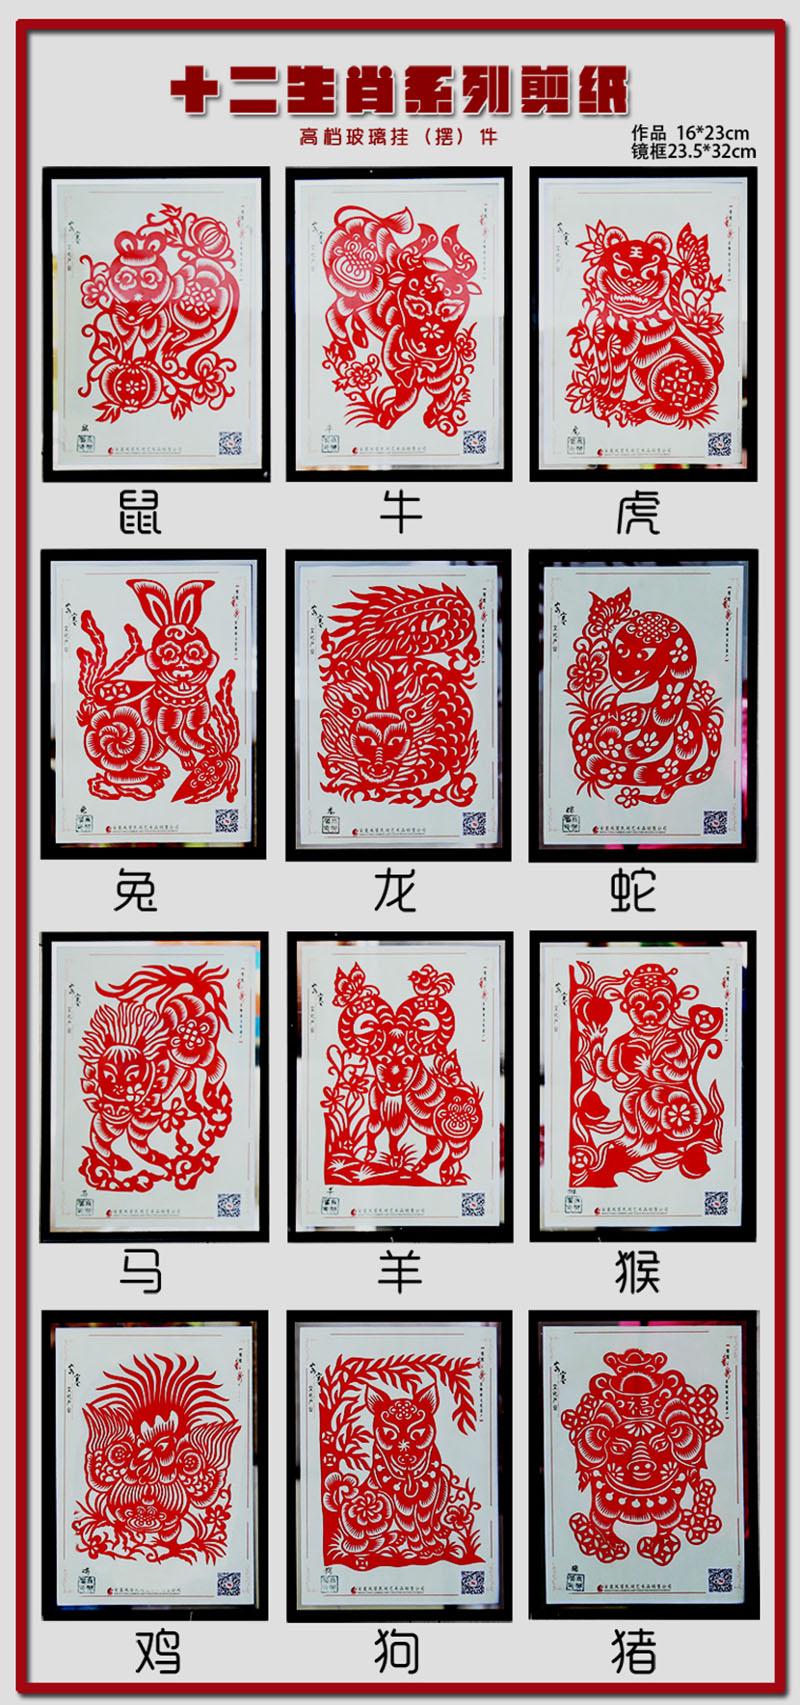 【安塞民间艺术品】 《 十二生肖》全套  纯手工 38*48cm 造型美观,剪工精致